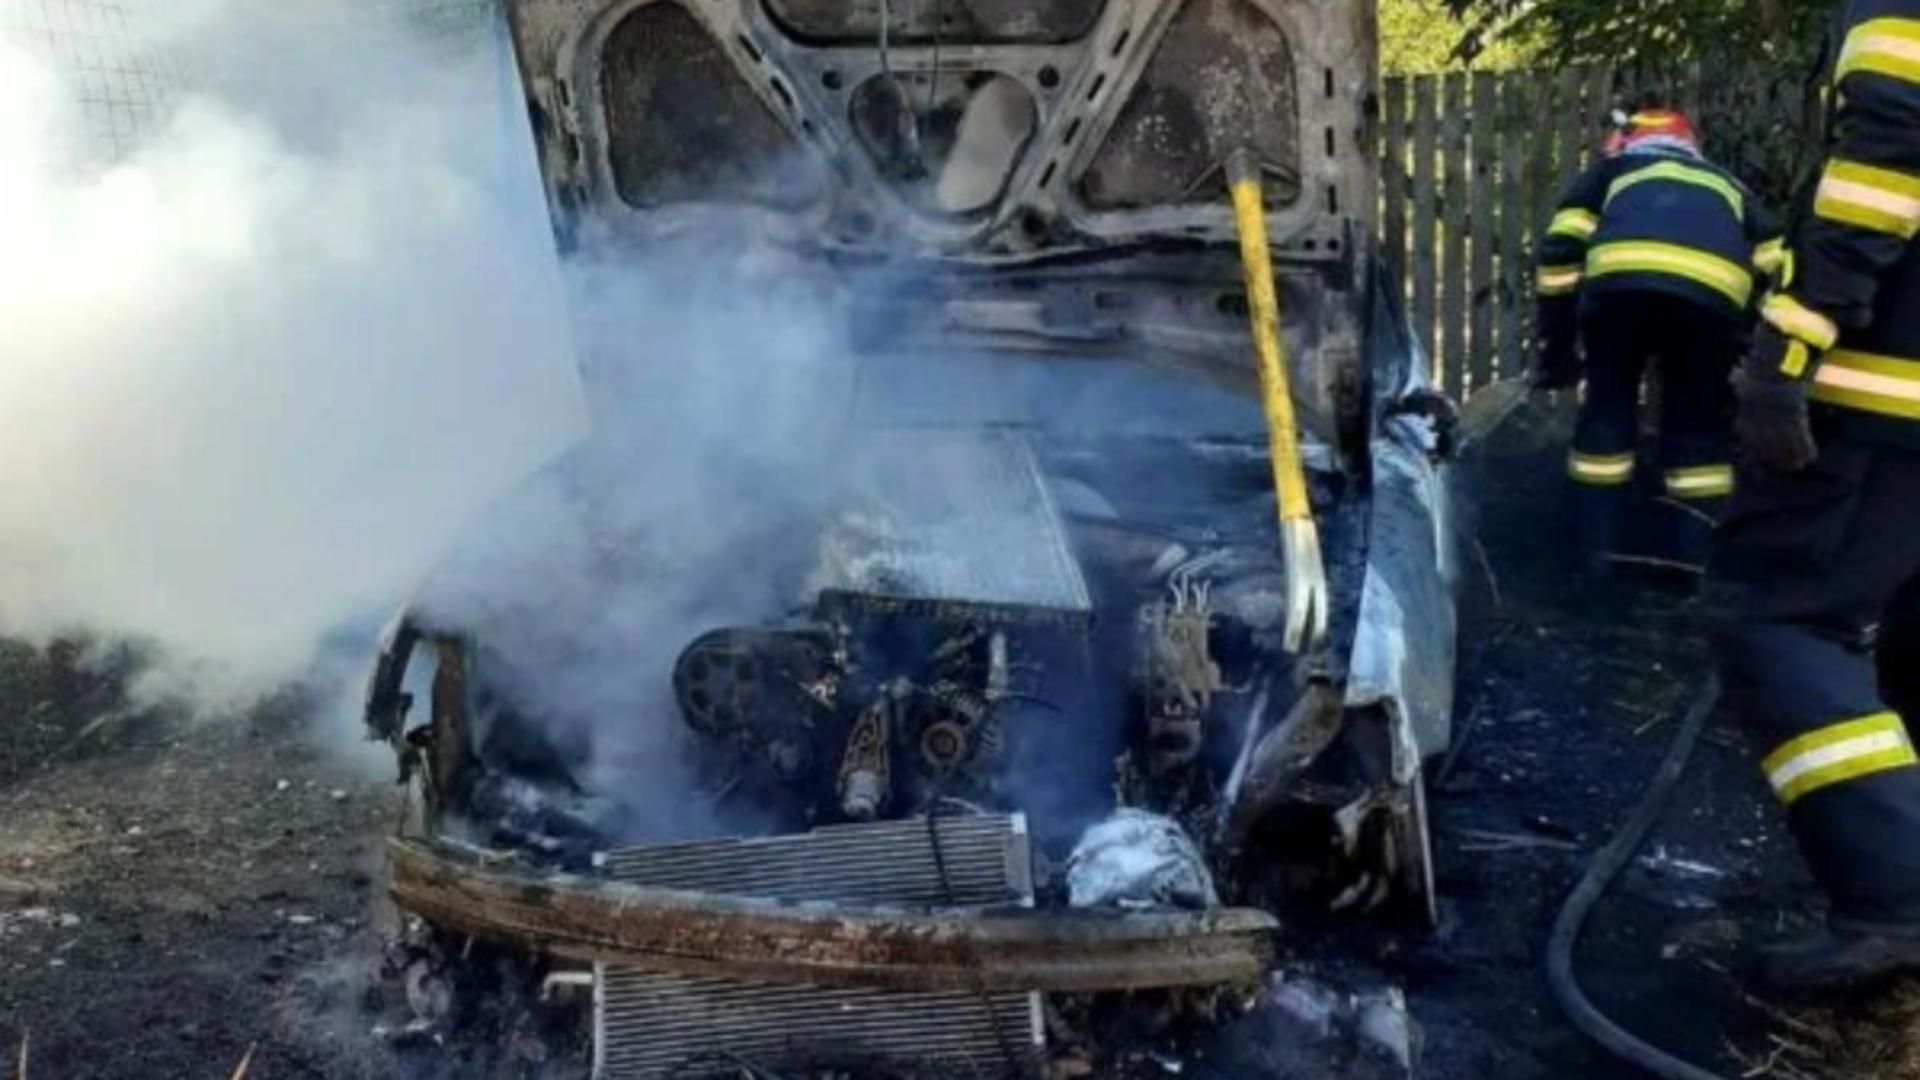 Autoturism distrus în totalitate după un incendiu Foto: ISU Giurgiu